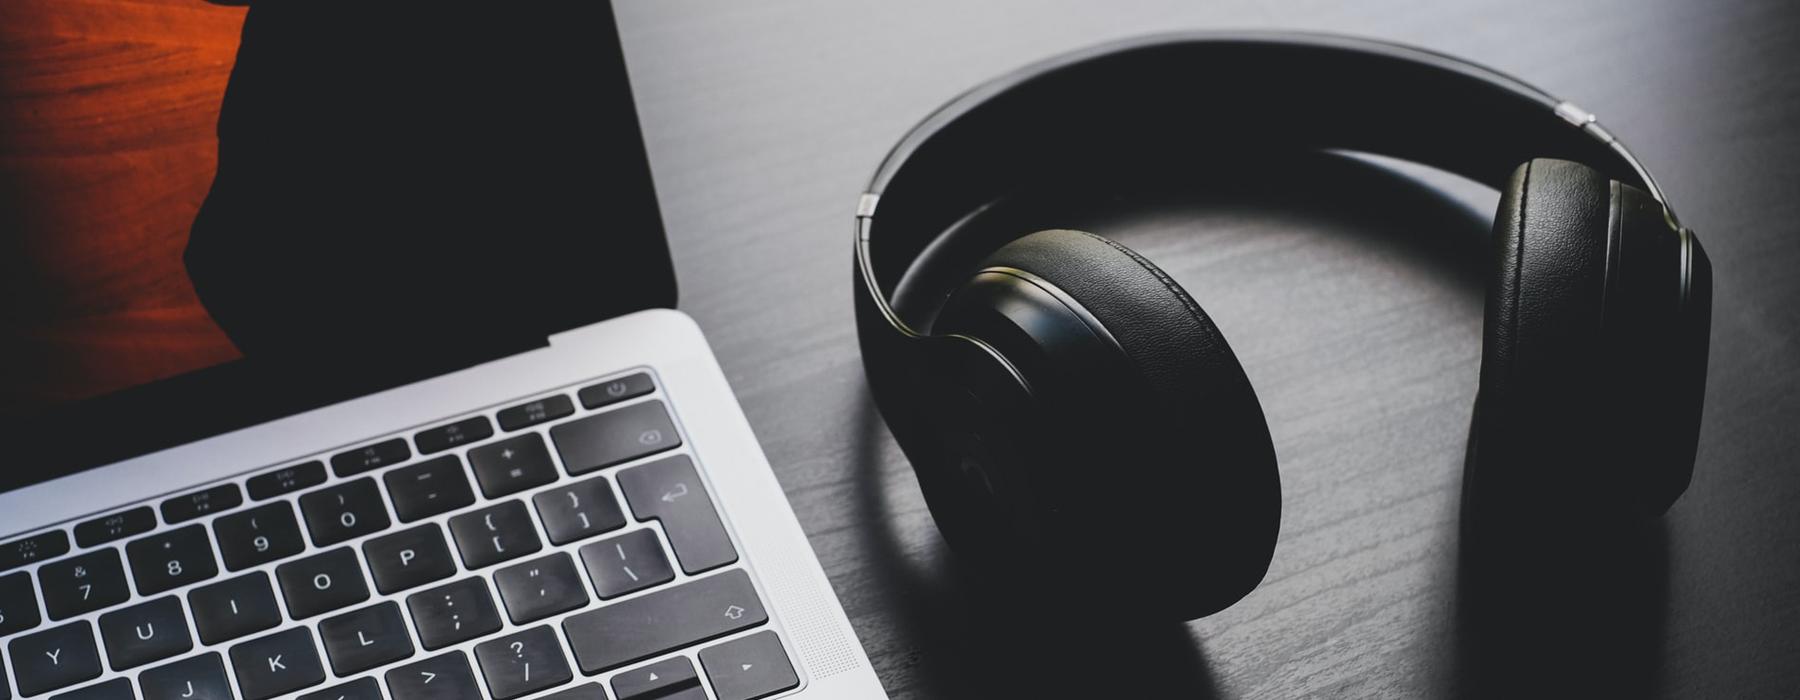 4 начина за съчетаване на блог и подкаст